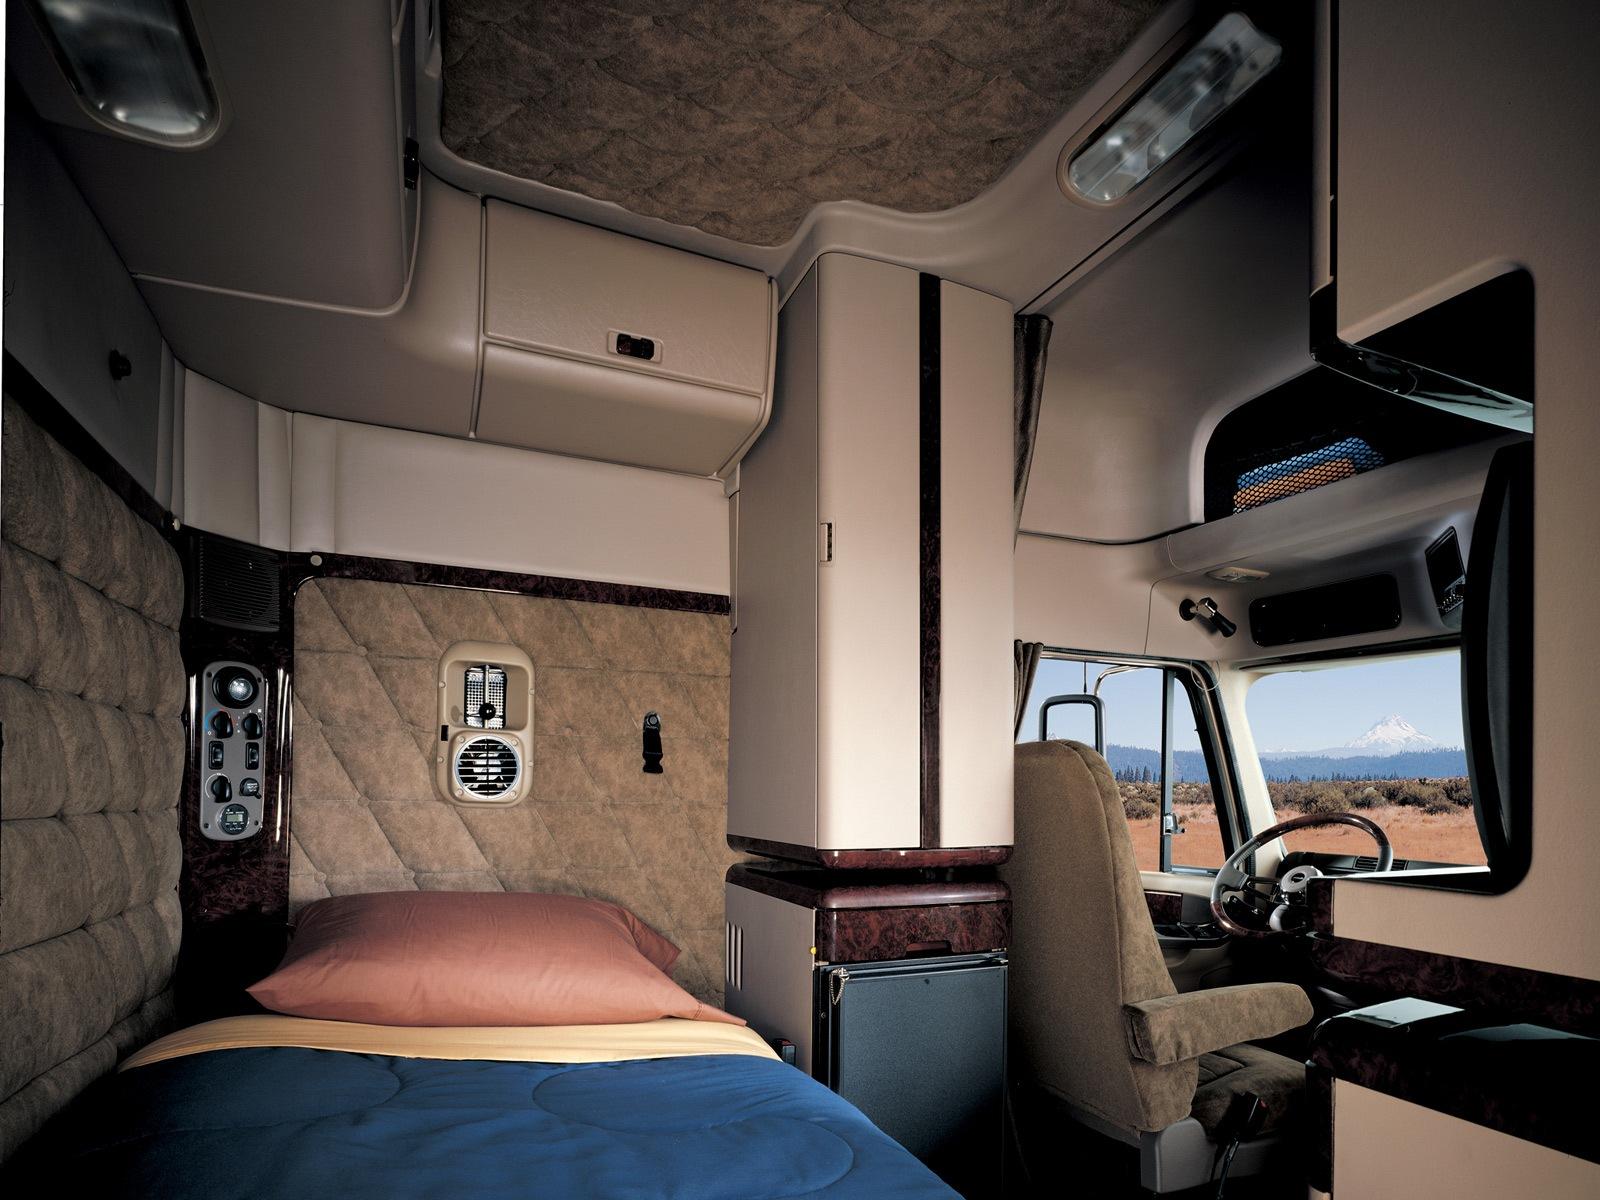 фото кабин и спальника лучших грузовиков мира более мелкие узкие